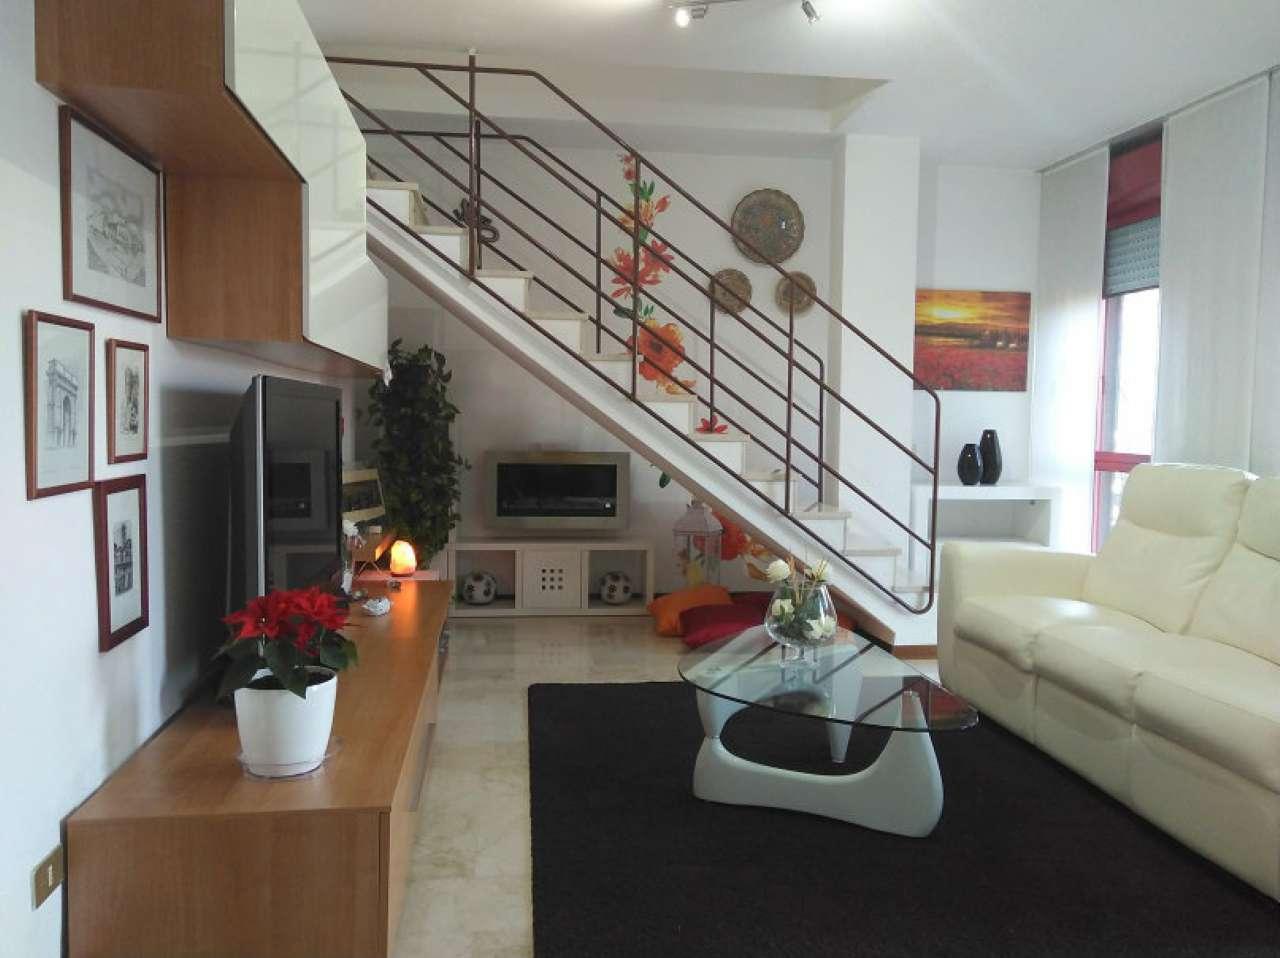 Appartamento in vendita a San Martino in Strada, 3 locali, prezzo € 120.000 | Cambio Casa.it